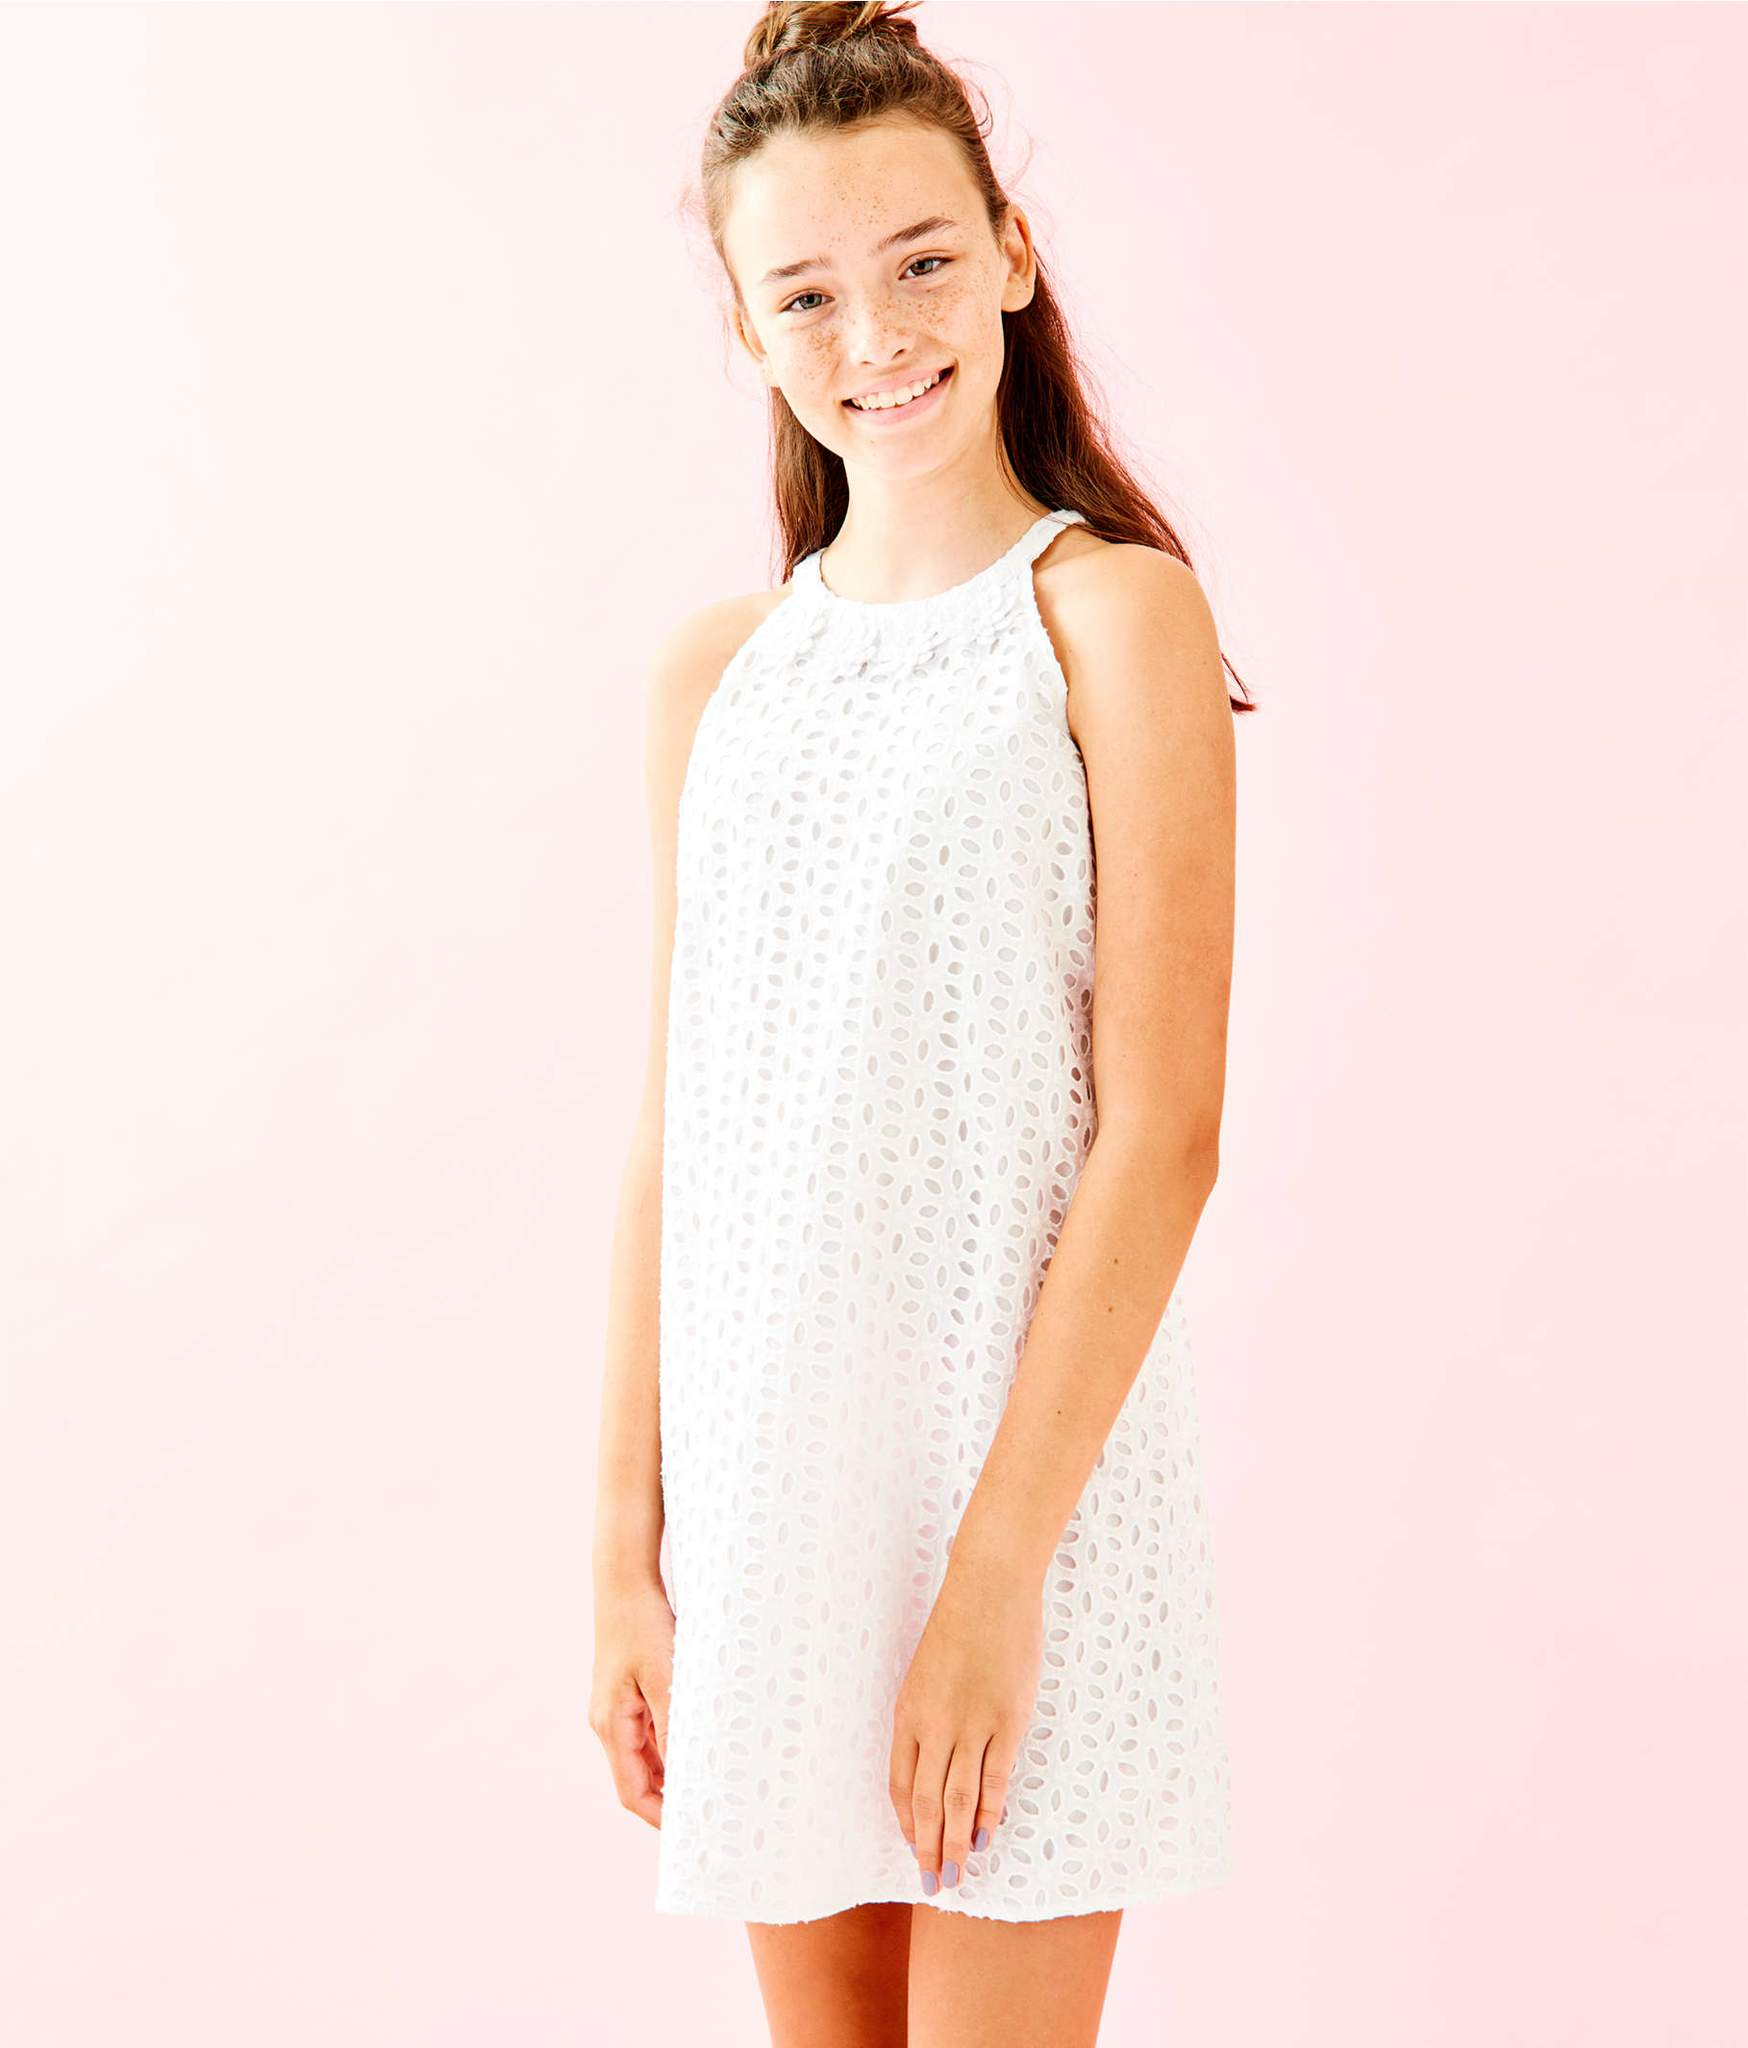 Lilly Pulitzer Mini Pearl Shift Dress